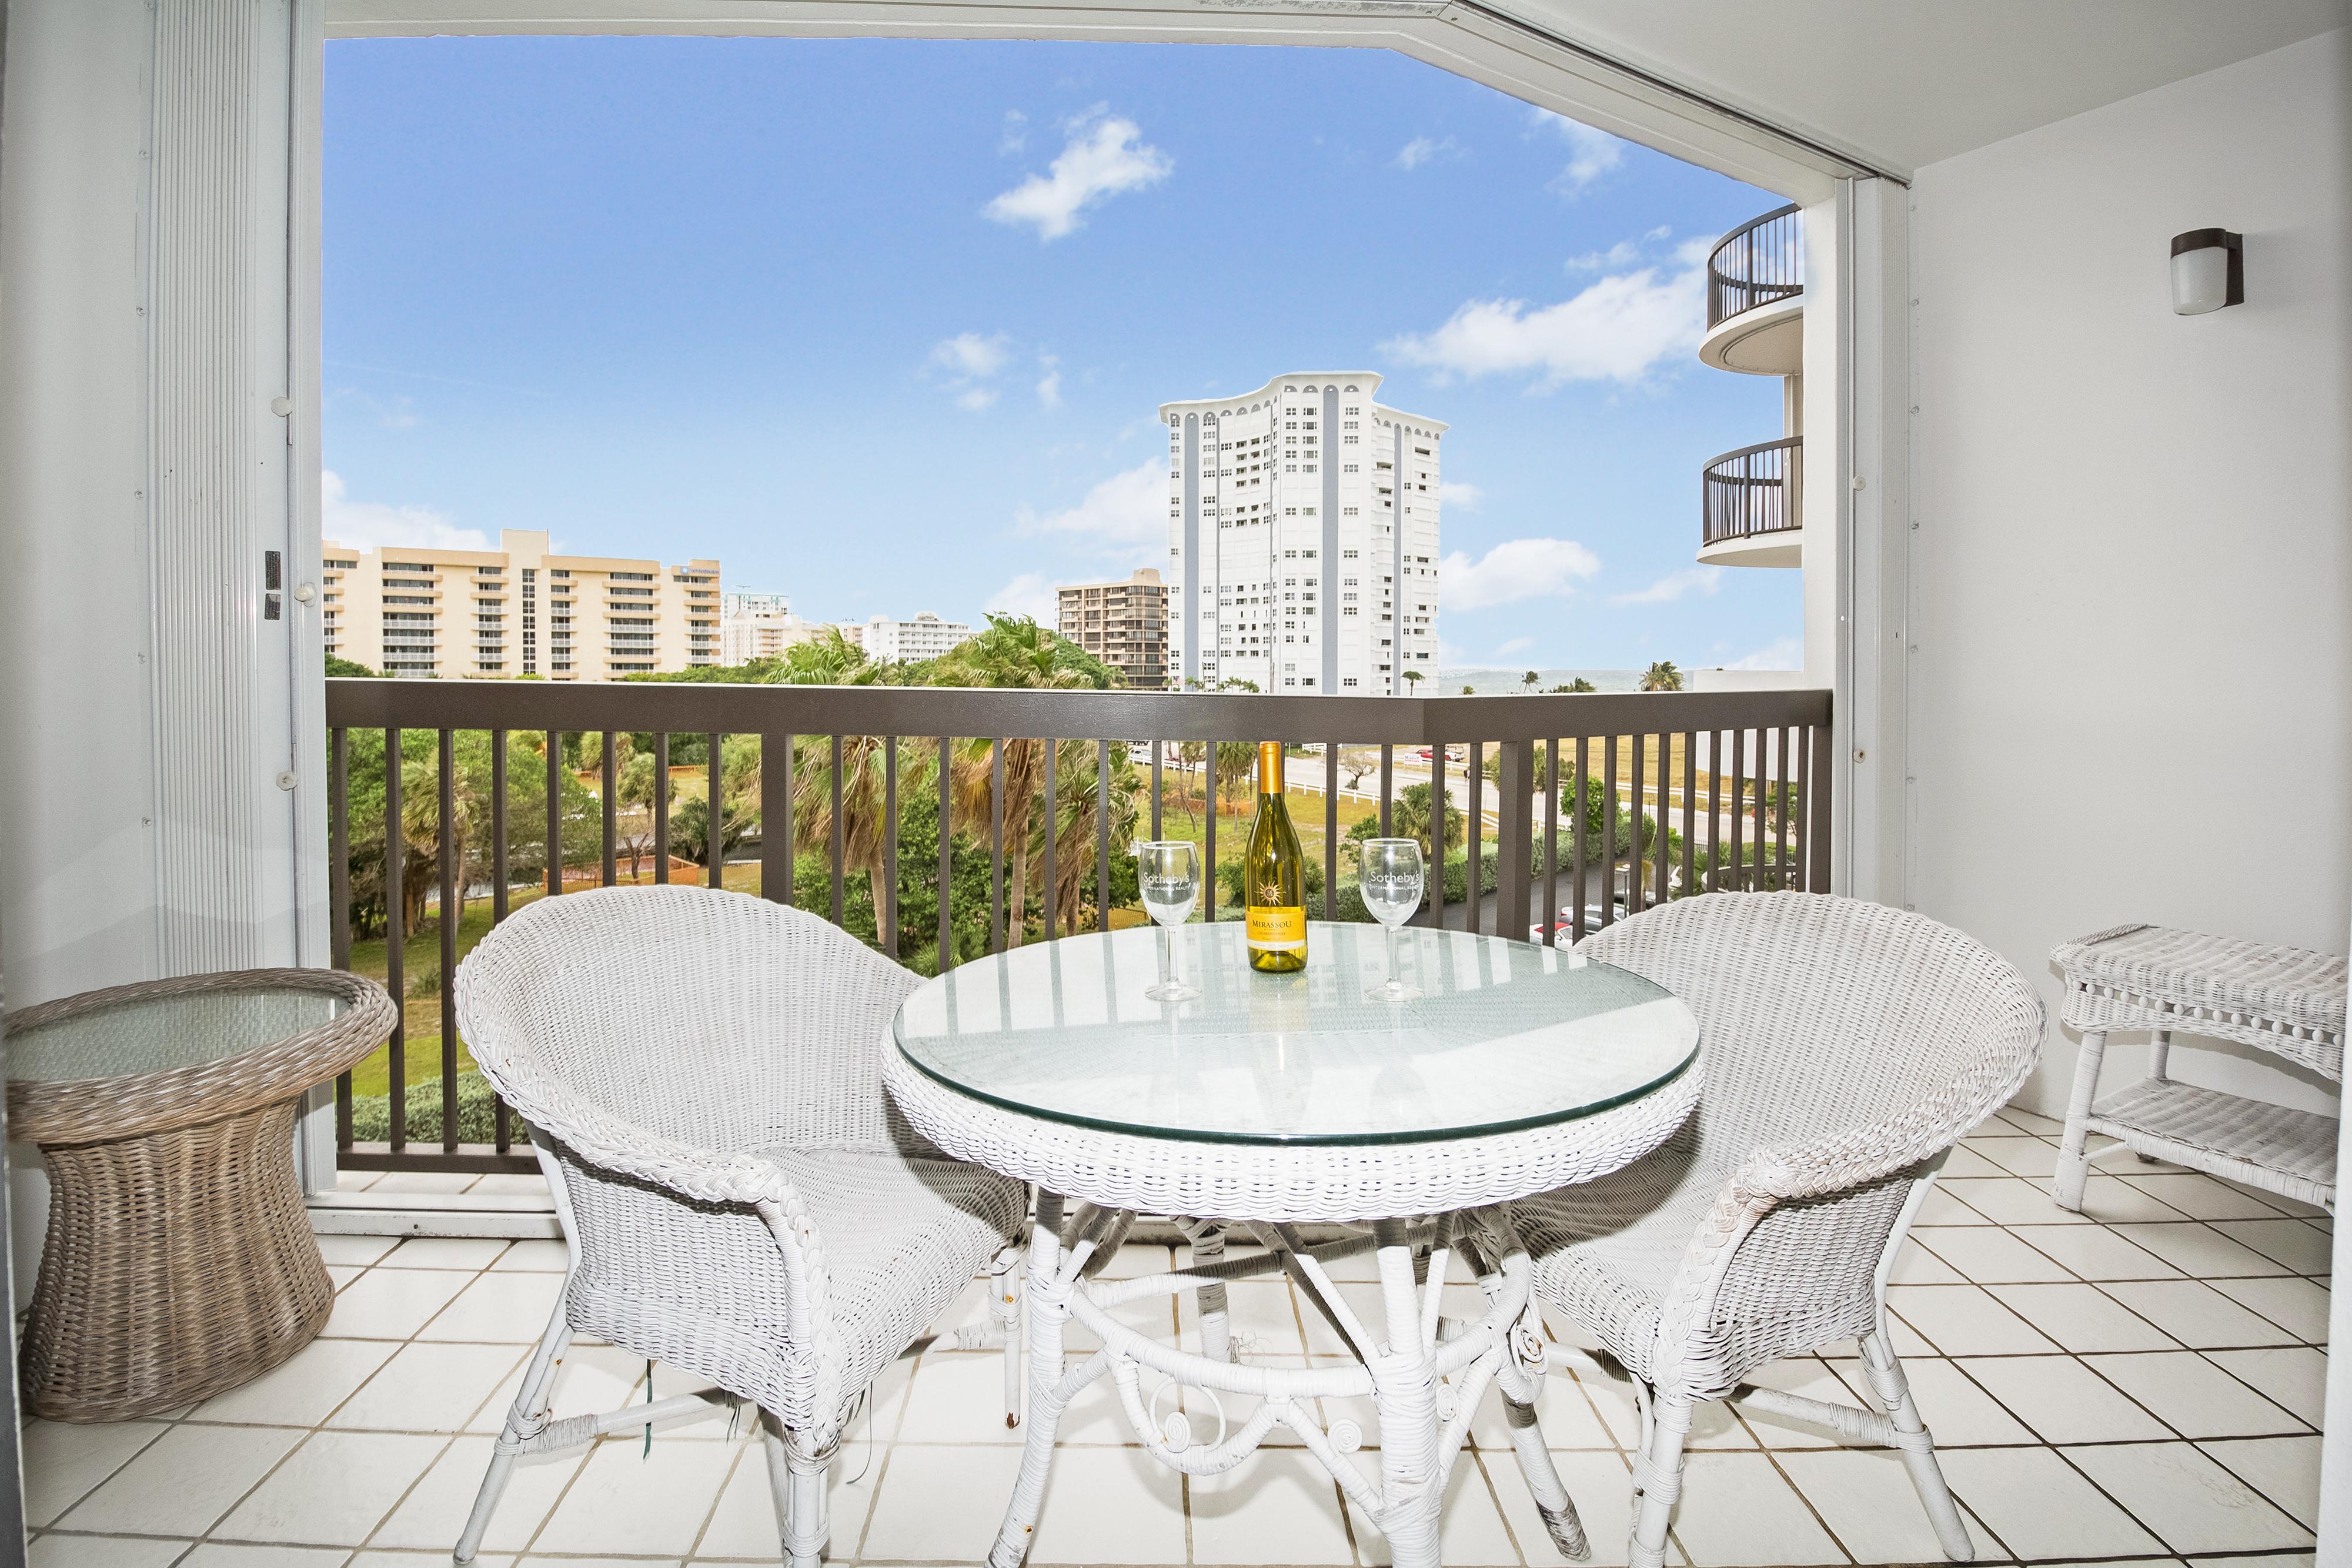 Квартира для того Продажа на 1361 S Ocean Blvd #505 1361 S Ocean Blvd 505 Pompano Beach, Флорида, 33062 Соединенные Штаты